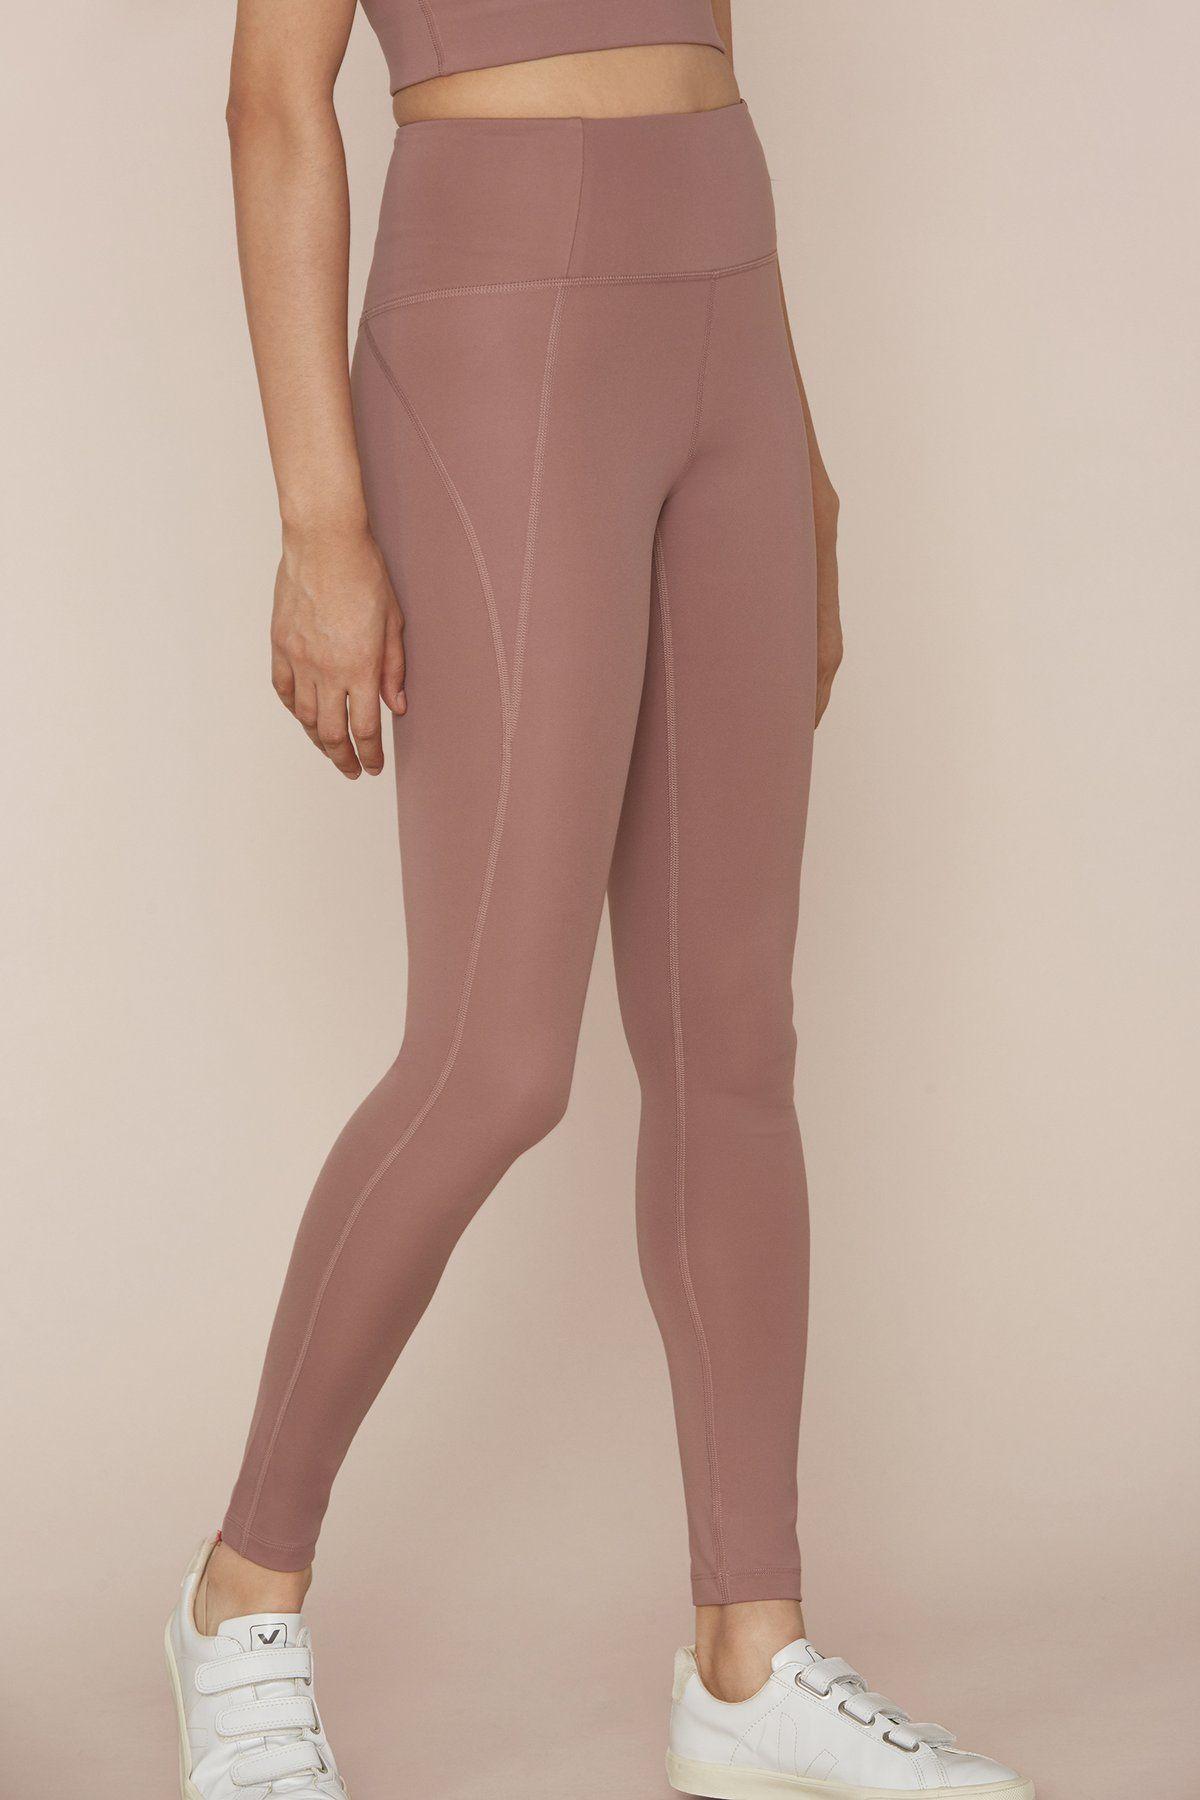 8ec04afc9bc023 Rose Quartz Compressive High-Rise Legging - 23 3/4 | Pilates & Yoga ...